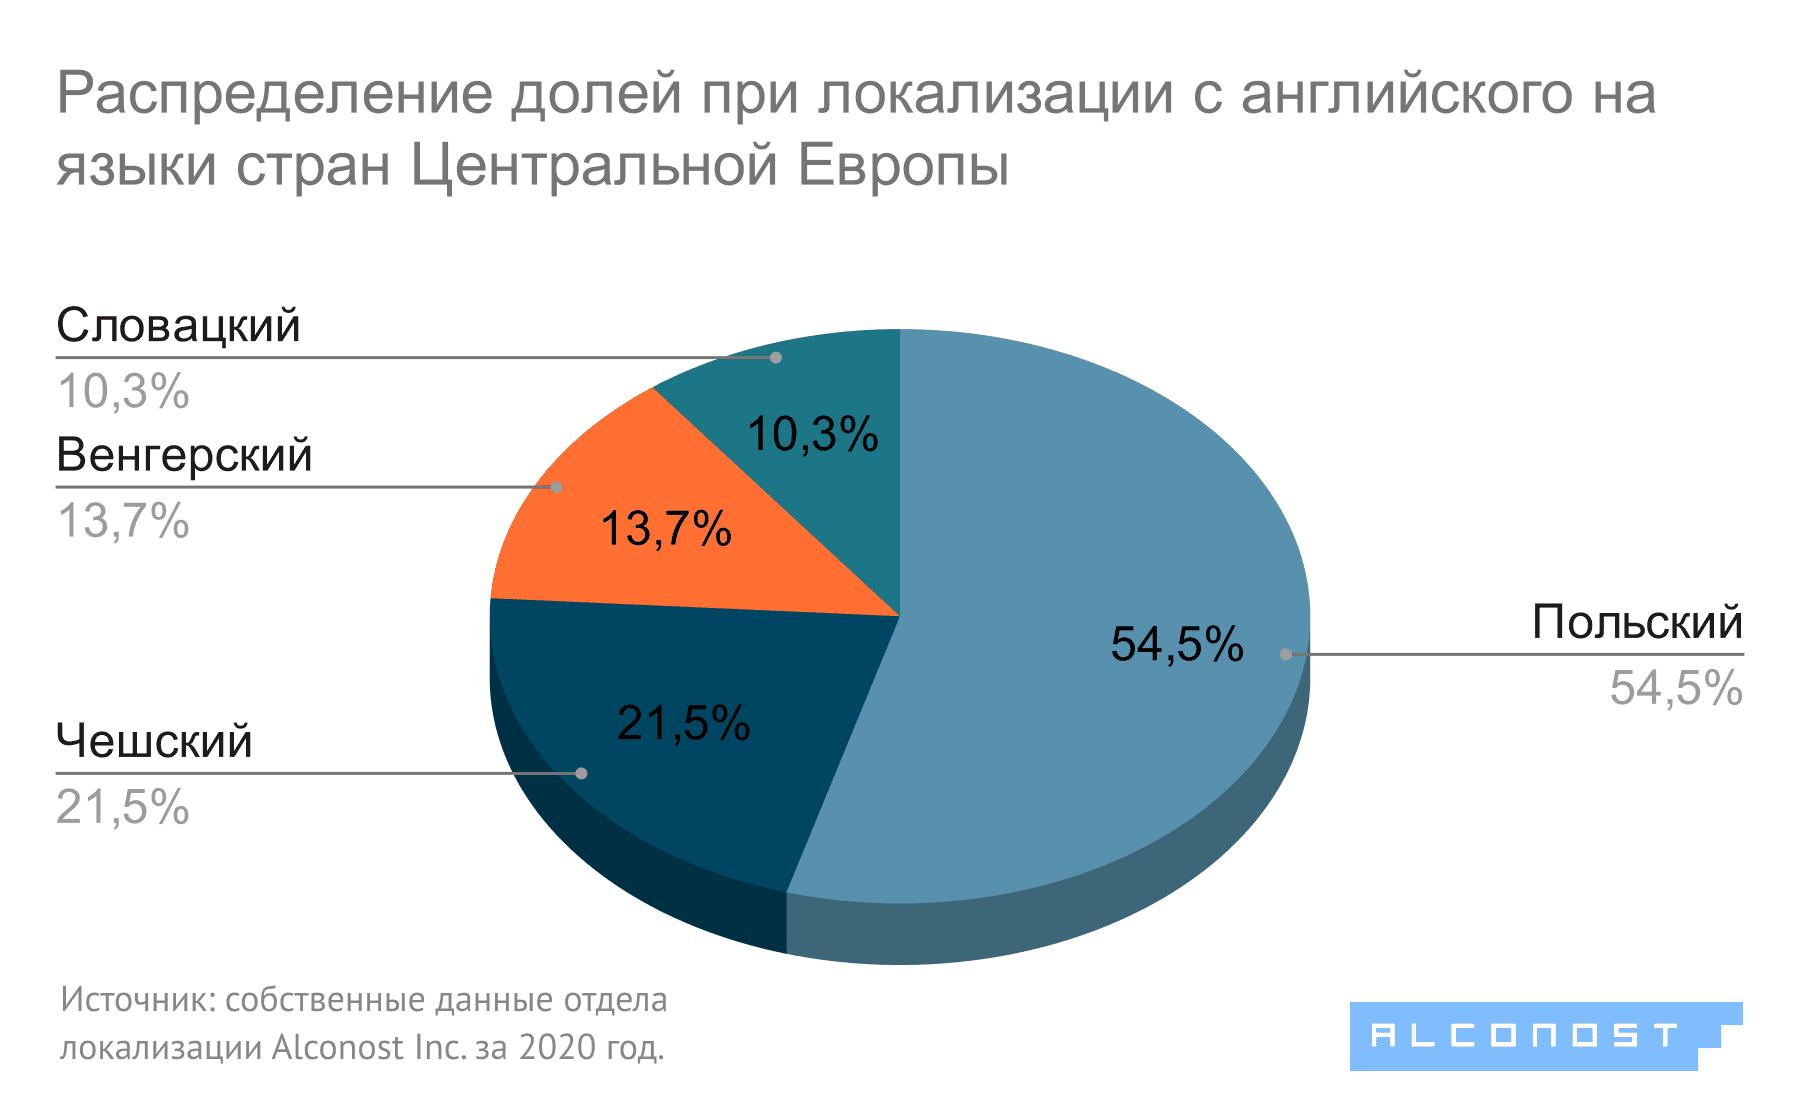 Диаграмма 5. Локализация с английского на языки стран Центральной Европы: распределение долей